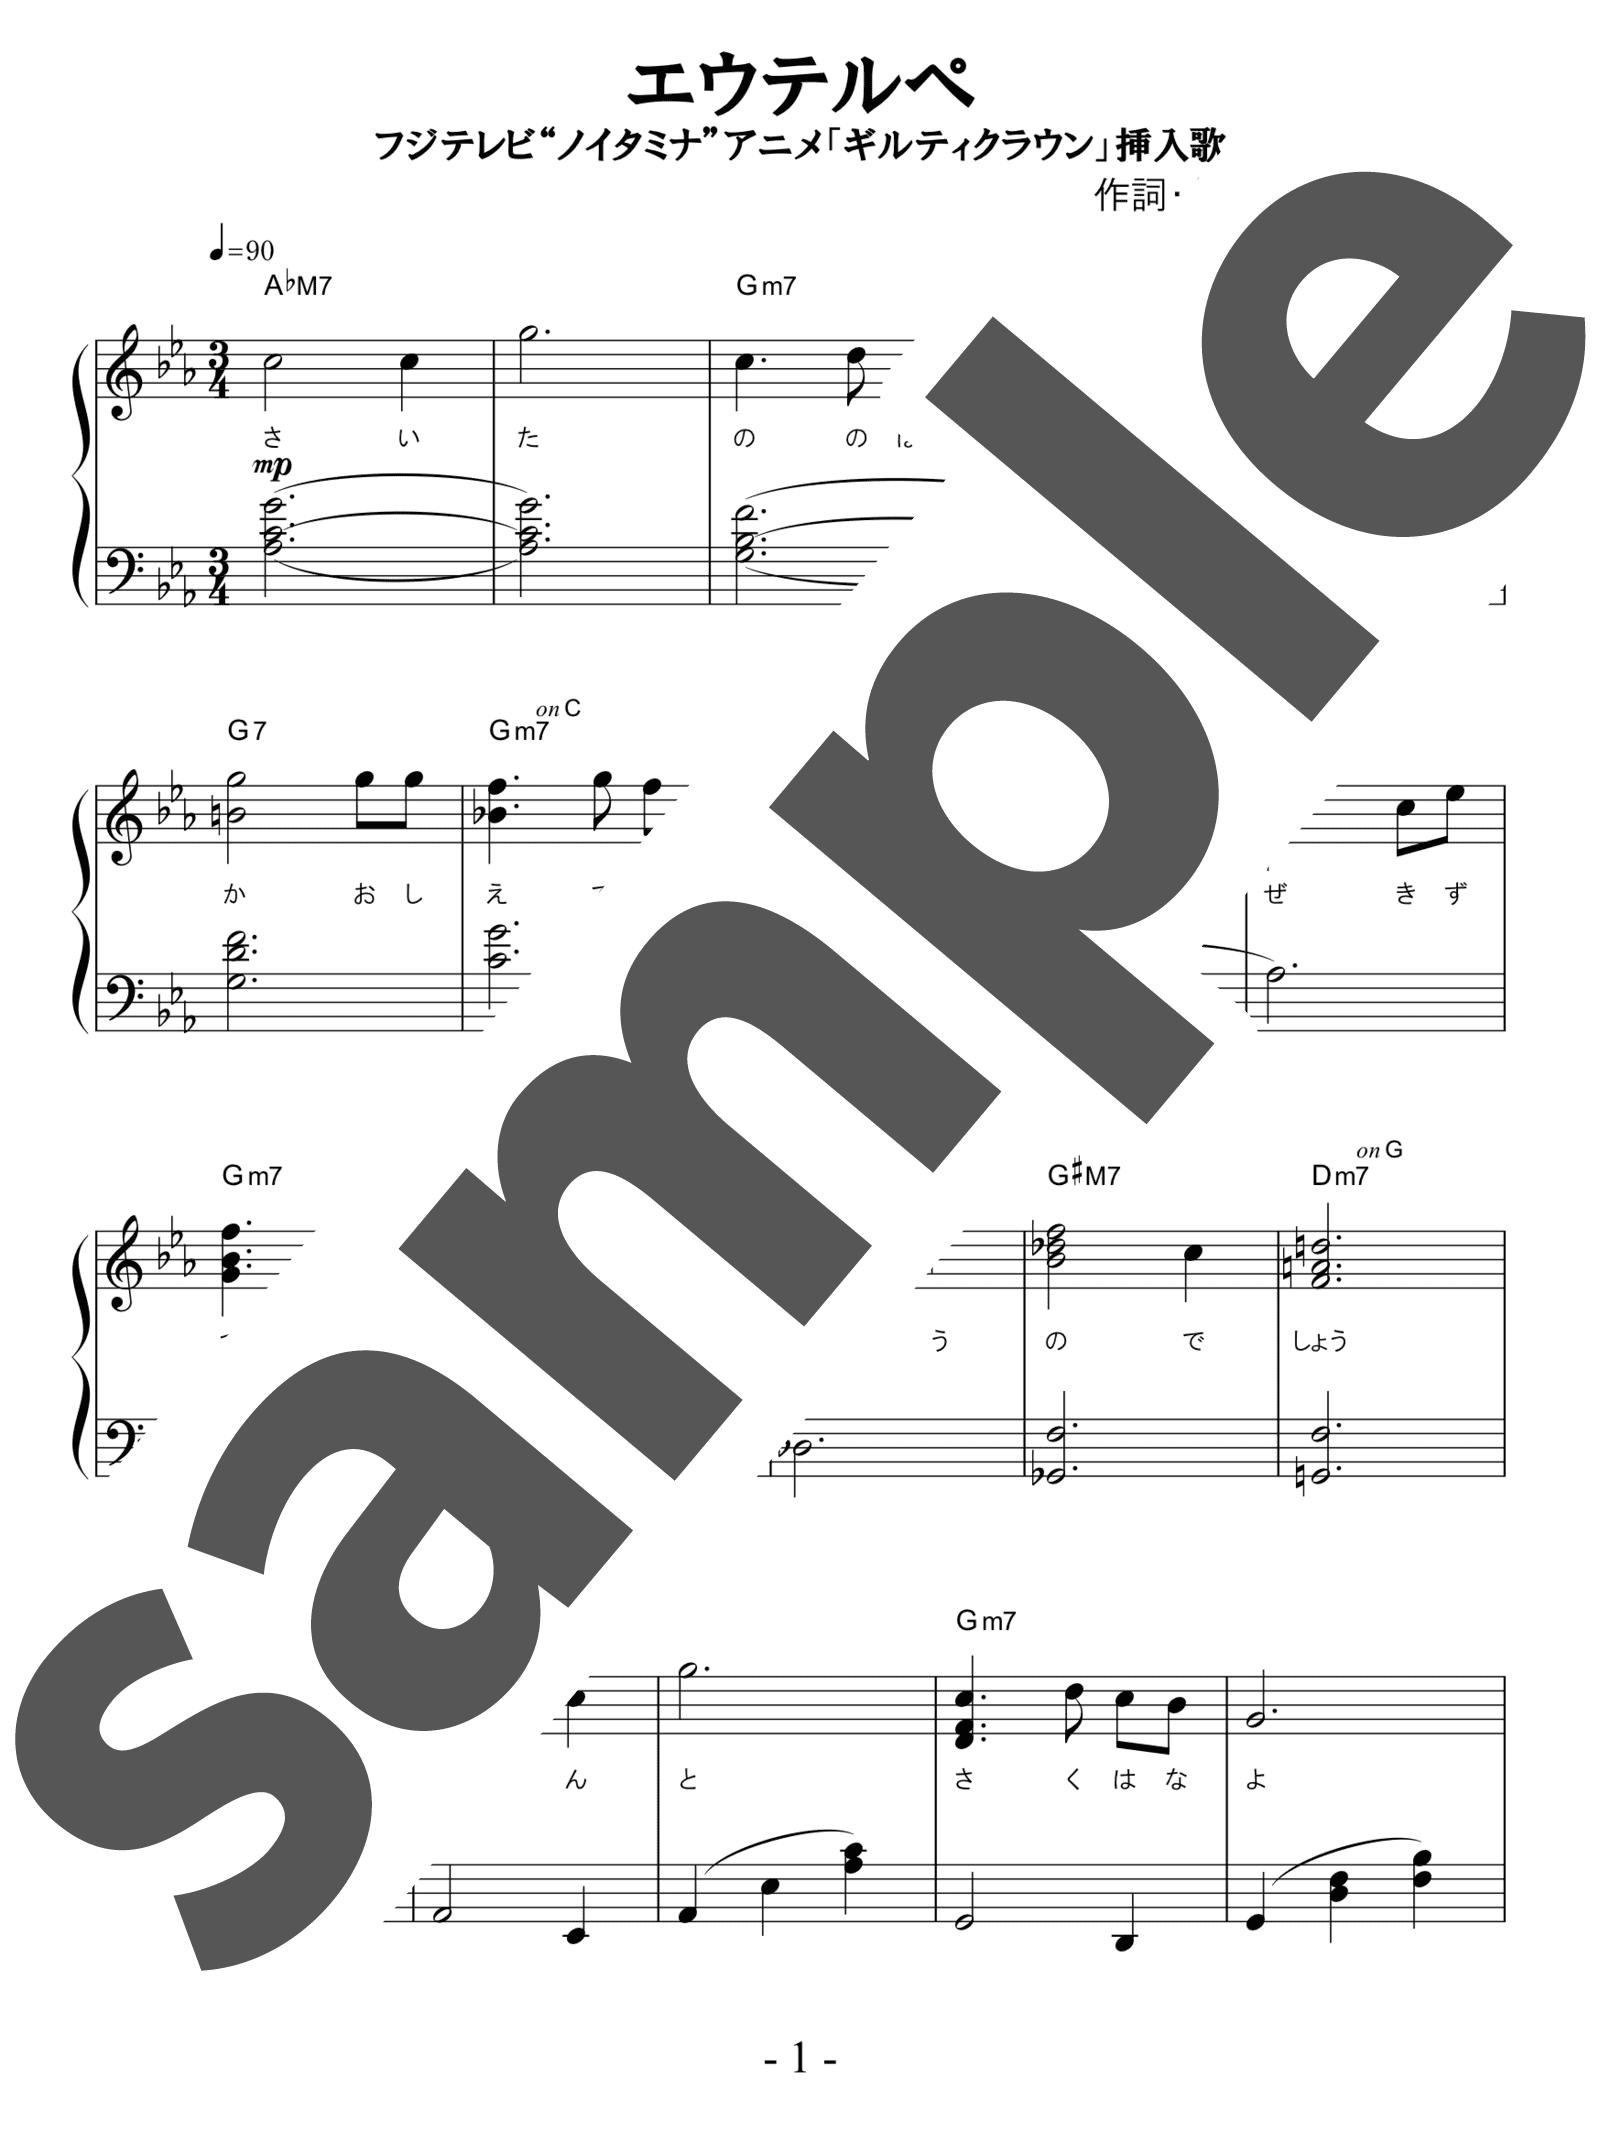 「エウテルペ」のサンプル楽譜